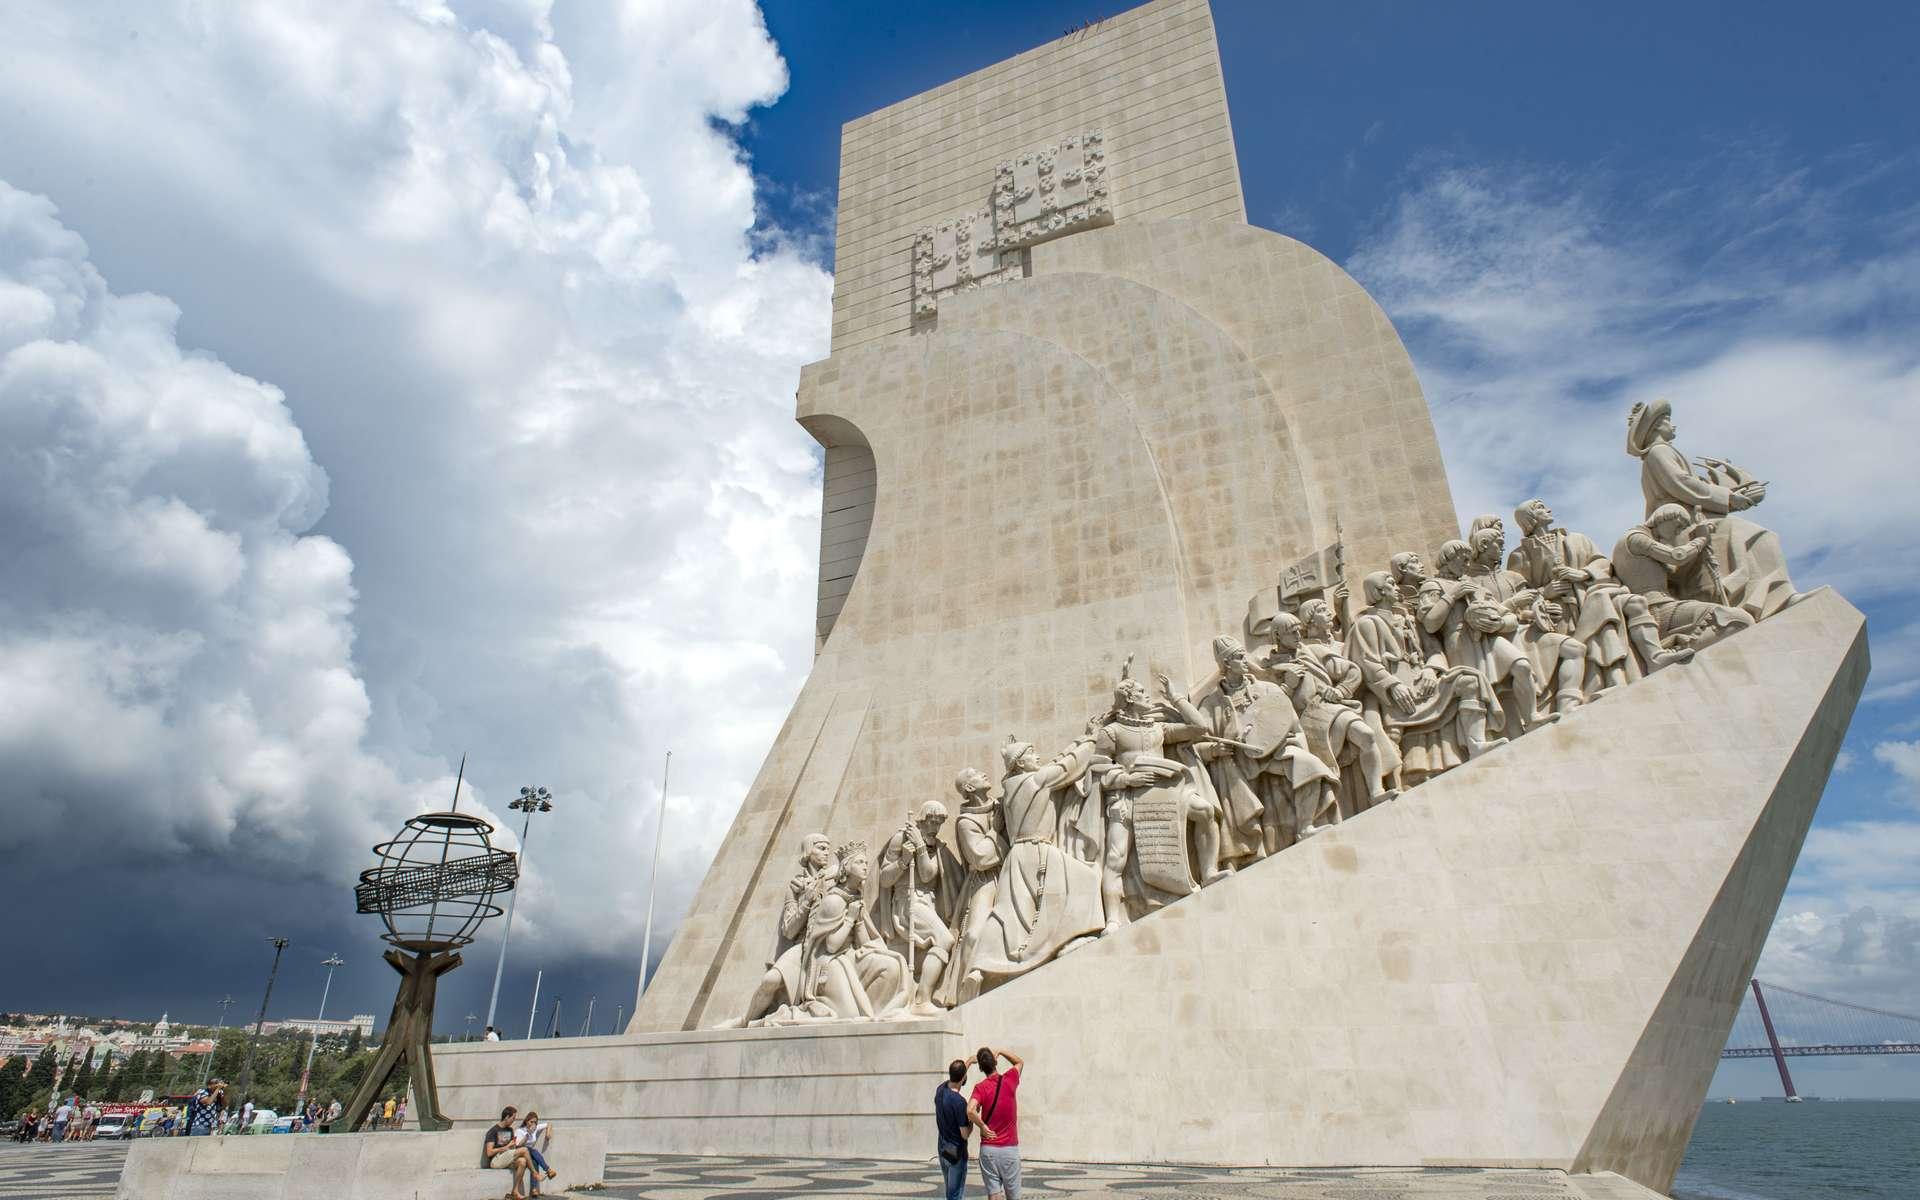 Le « Monument aux Découvertes », le Padrão dos Descobrimentos, dans le quartier de Bélem, à Lisbonne, érigé en hommage aux navigateurs portugais des XVe et XVIe siècles et du prince Henri le Navigateur. C'est précisément de cet endroit qu'est parti Vasco de Gama. Sur le parvis, une rose des vents et une planisphère au sol. © Ghislaine Laussel/Futura